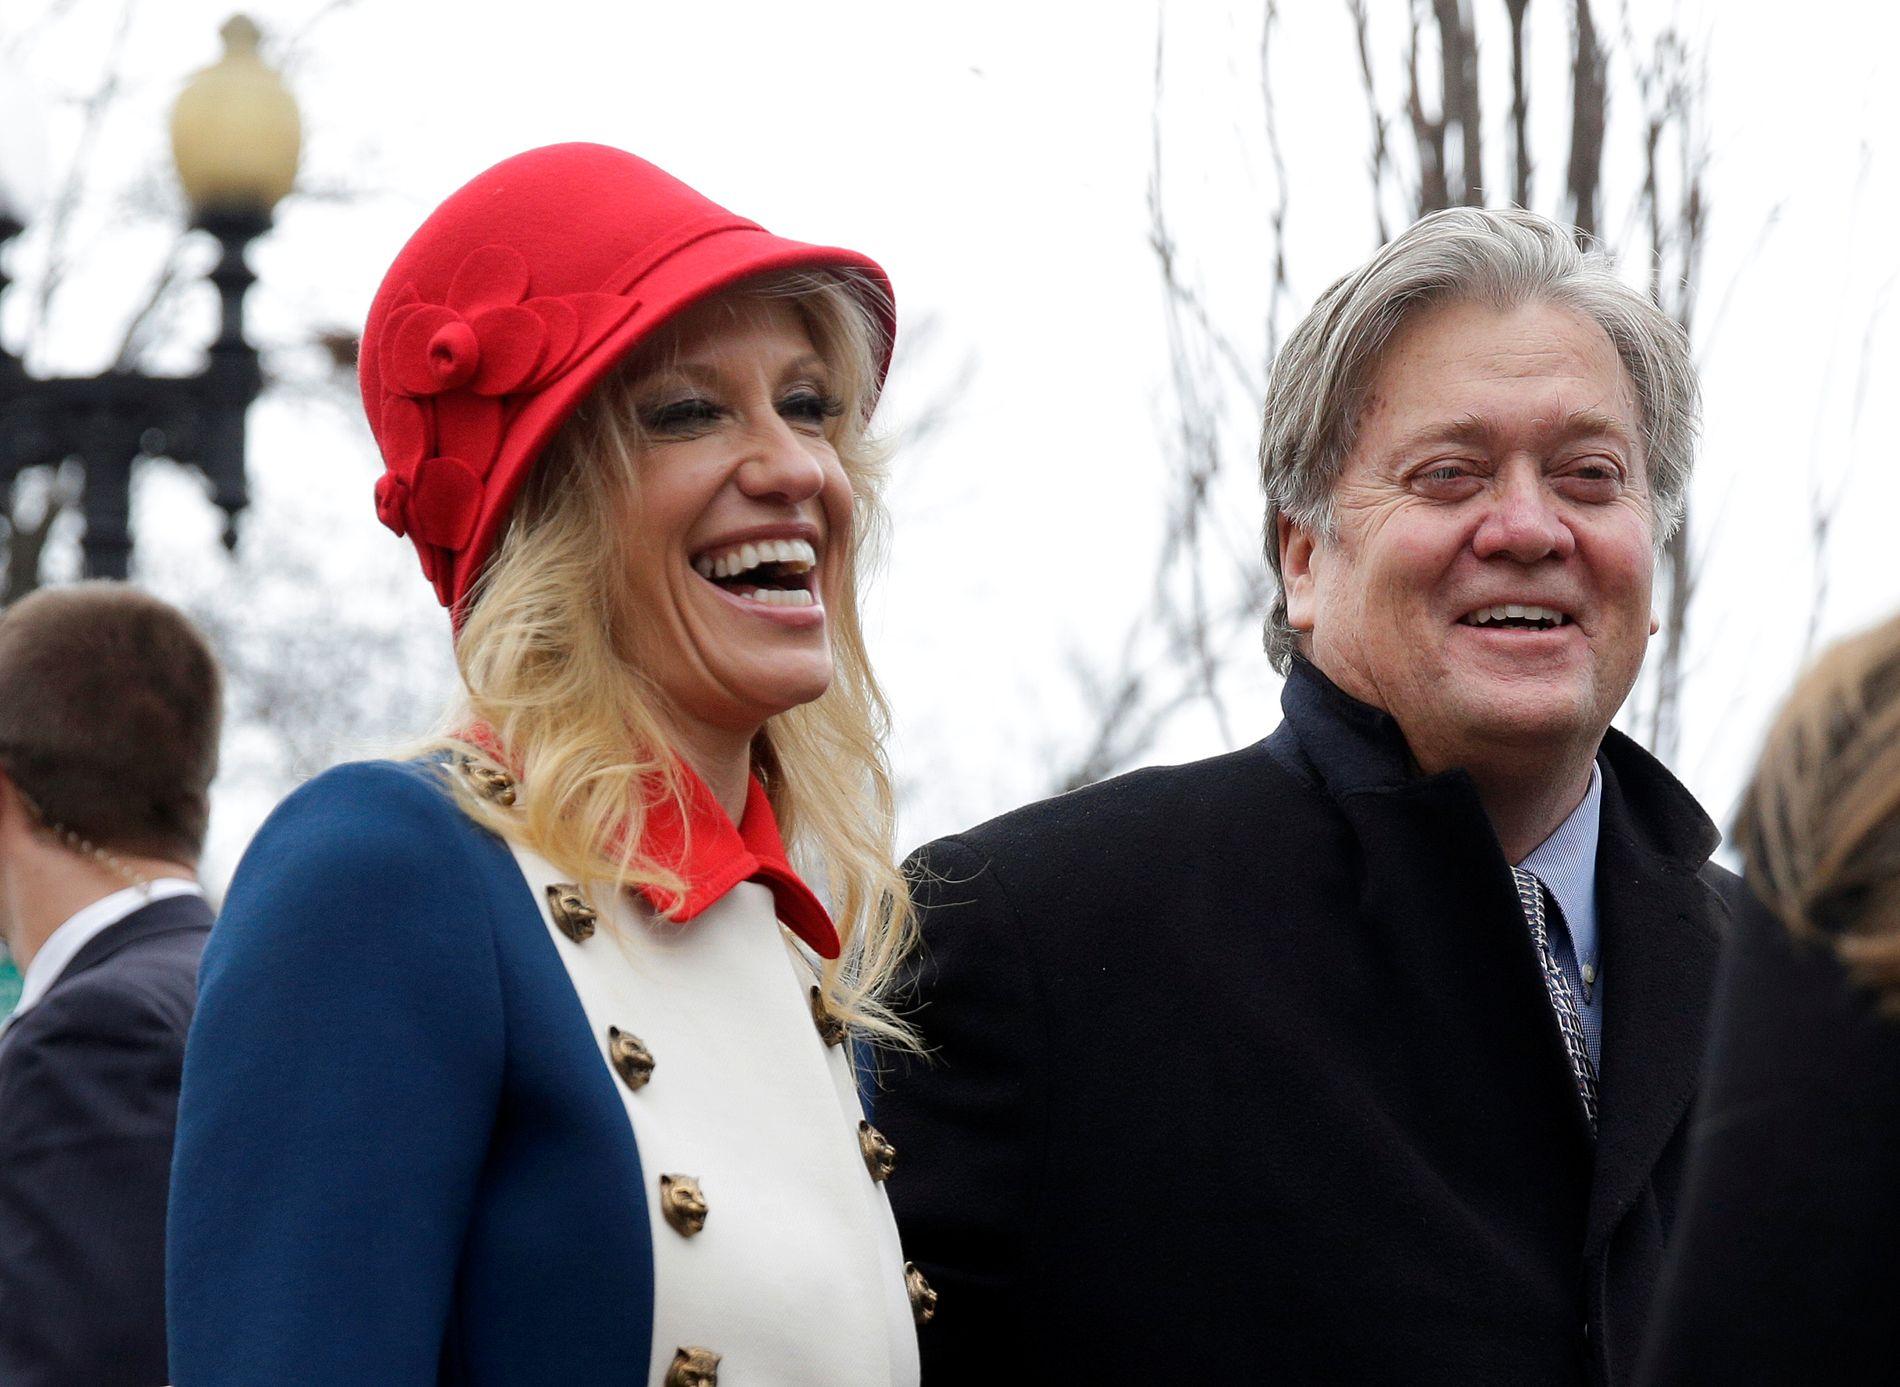 ALTERNATIVE FAKTA: President-rådgiver Kellyanne Conway, her samen med rådgiverkollega Steve Bannon, har allerede gjort seg bemerket med flere oppsiktsvekkende medieopptredener. Foto: Reuters